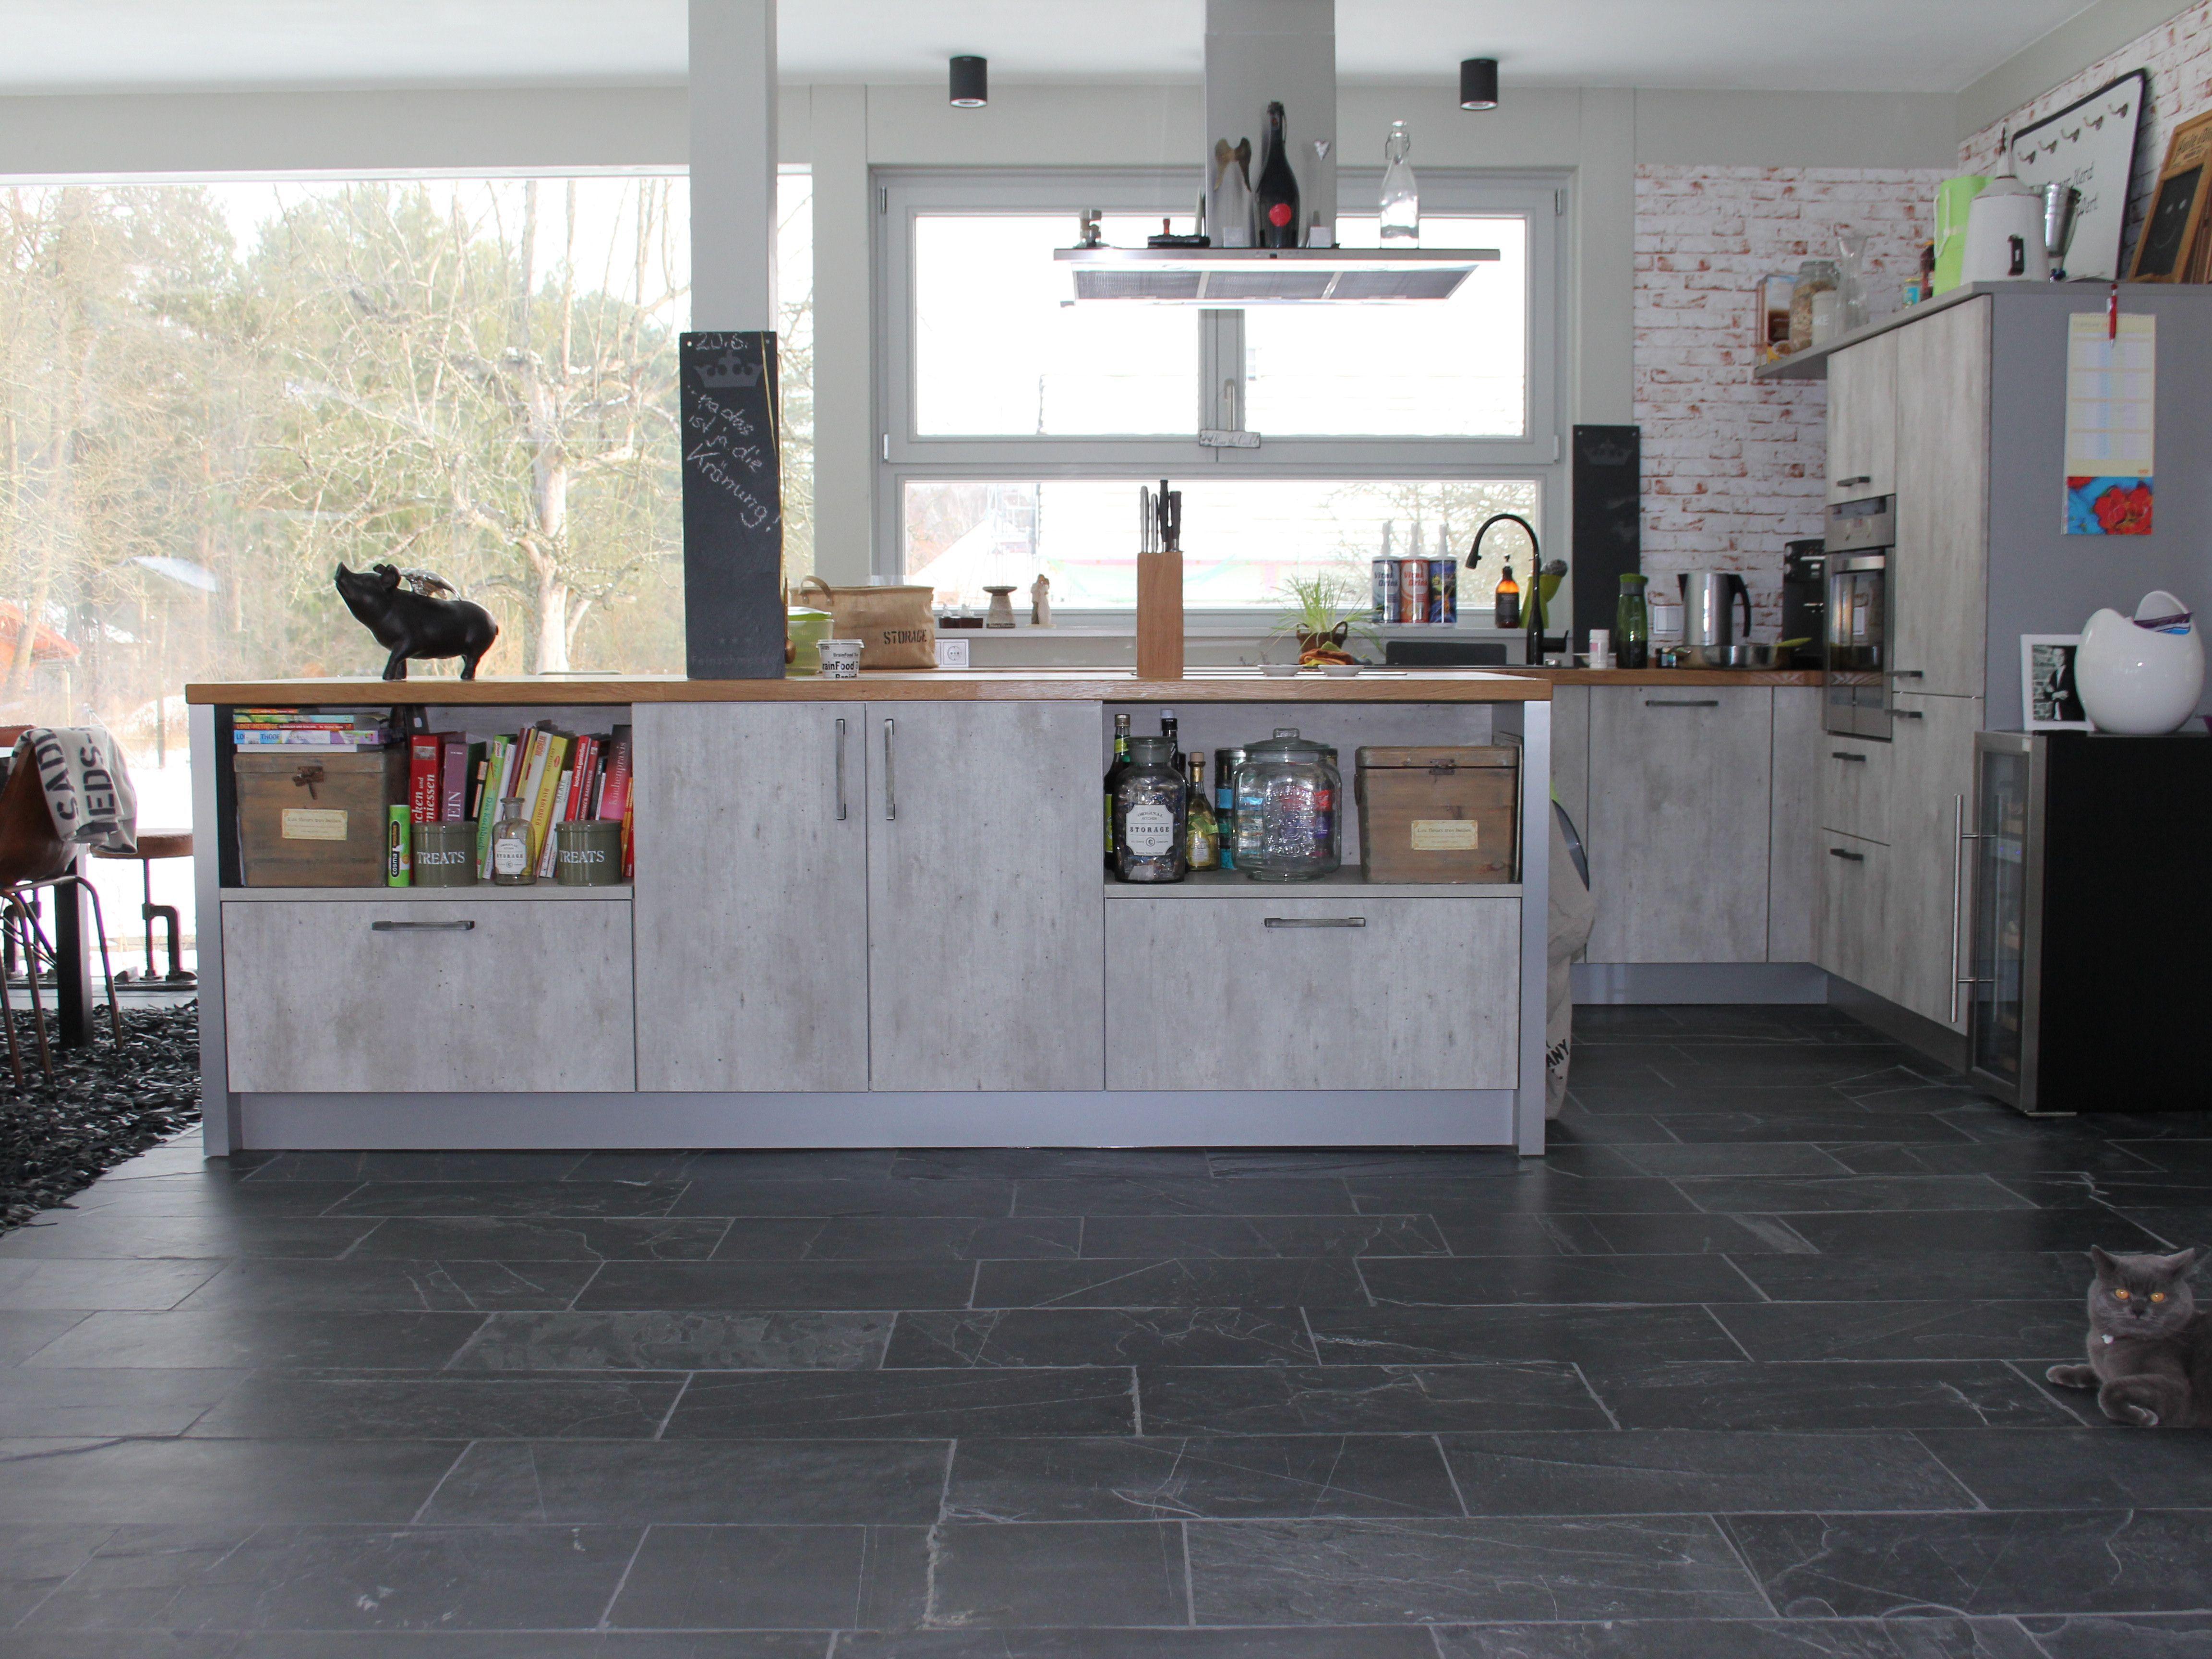 Modern und gemütlich - diese Küche mit Schieferboden ist beides ...